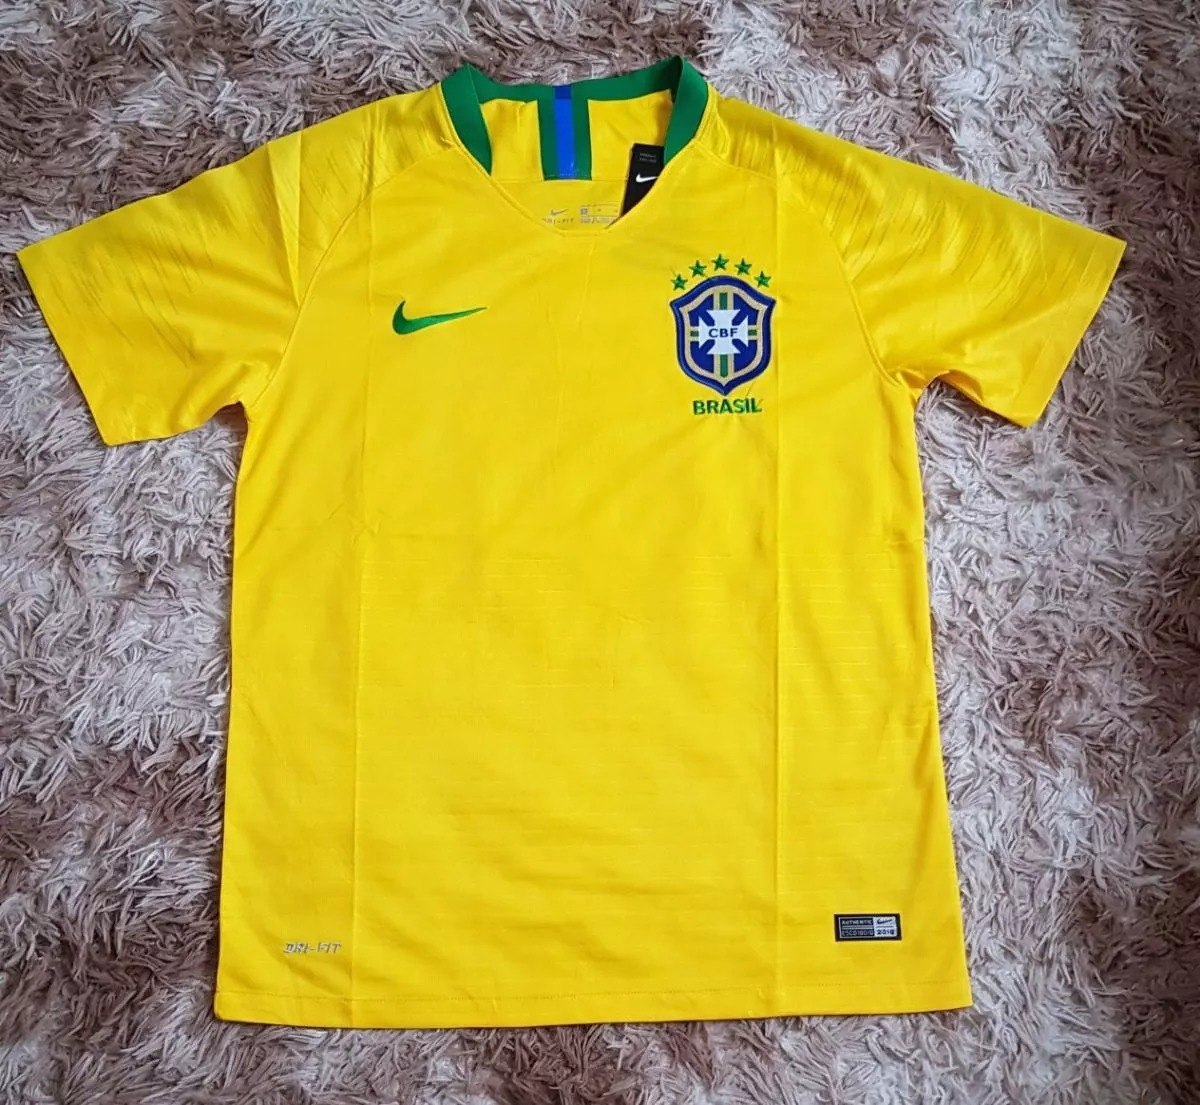 28f36c073827b camisa amarela do brasil oficial copa 2018 original. Carregando zoom.